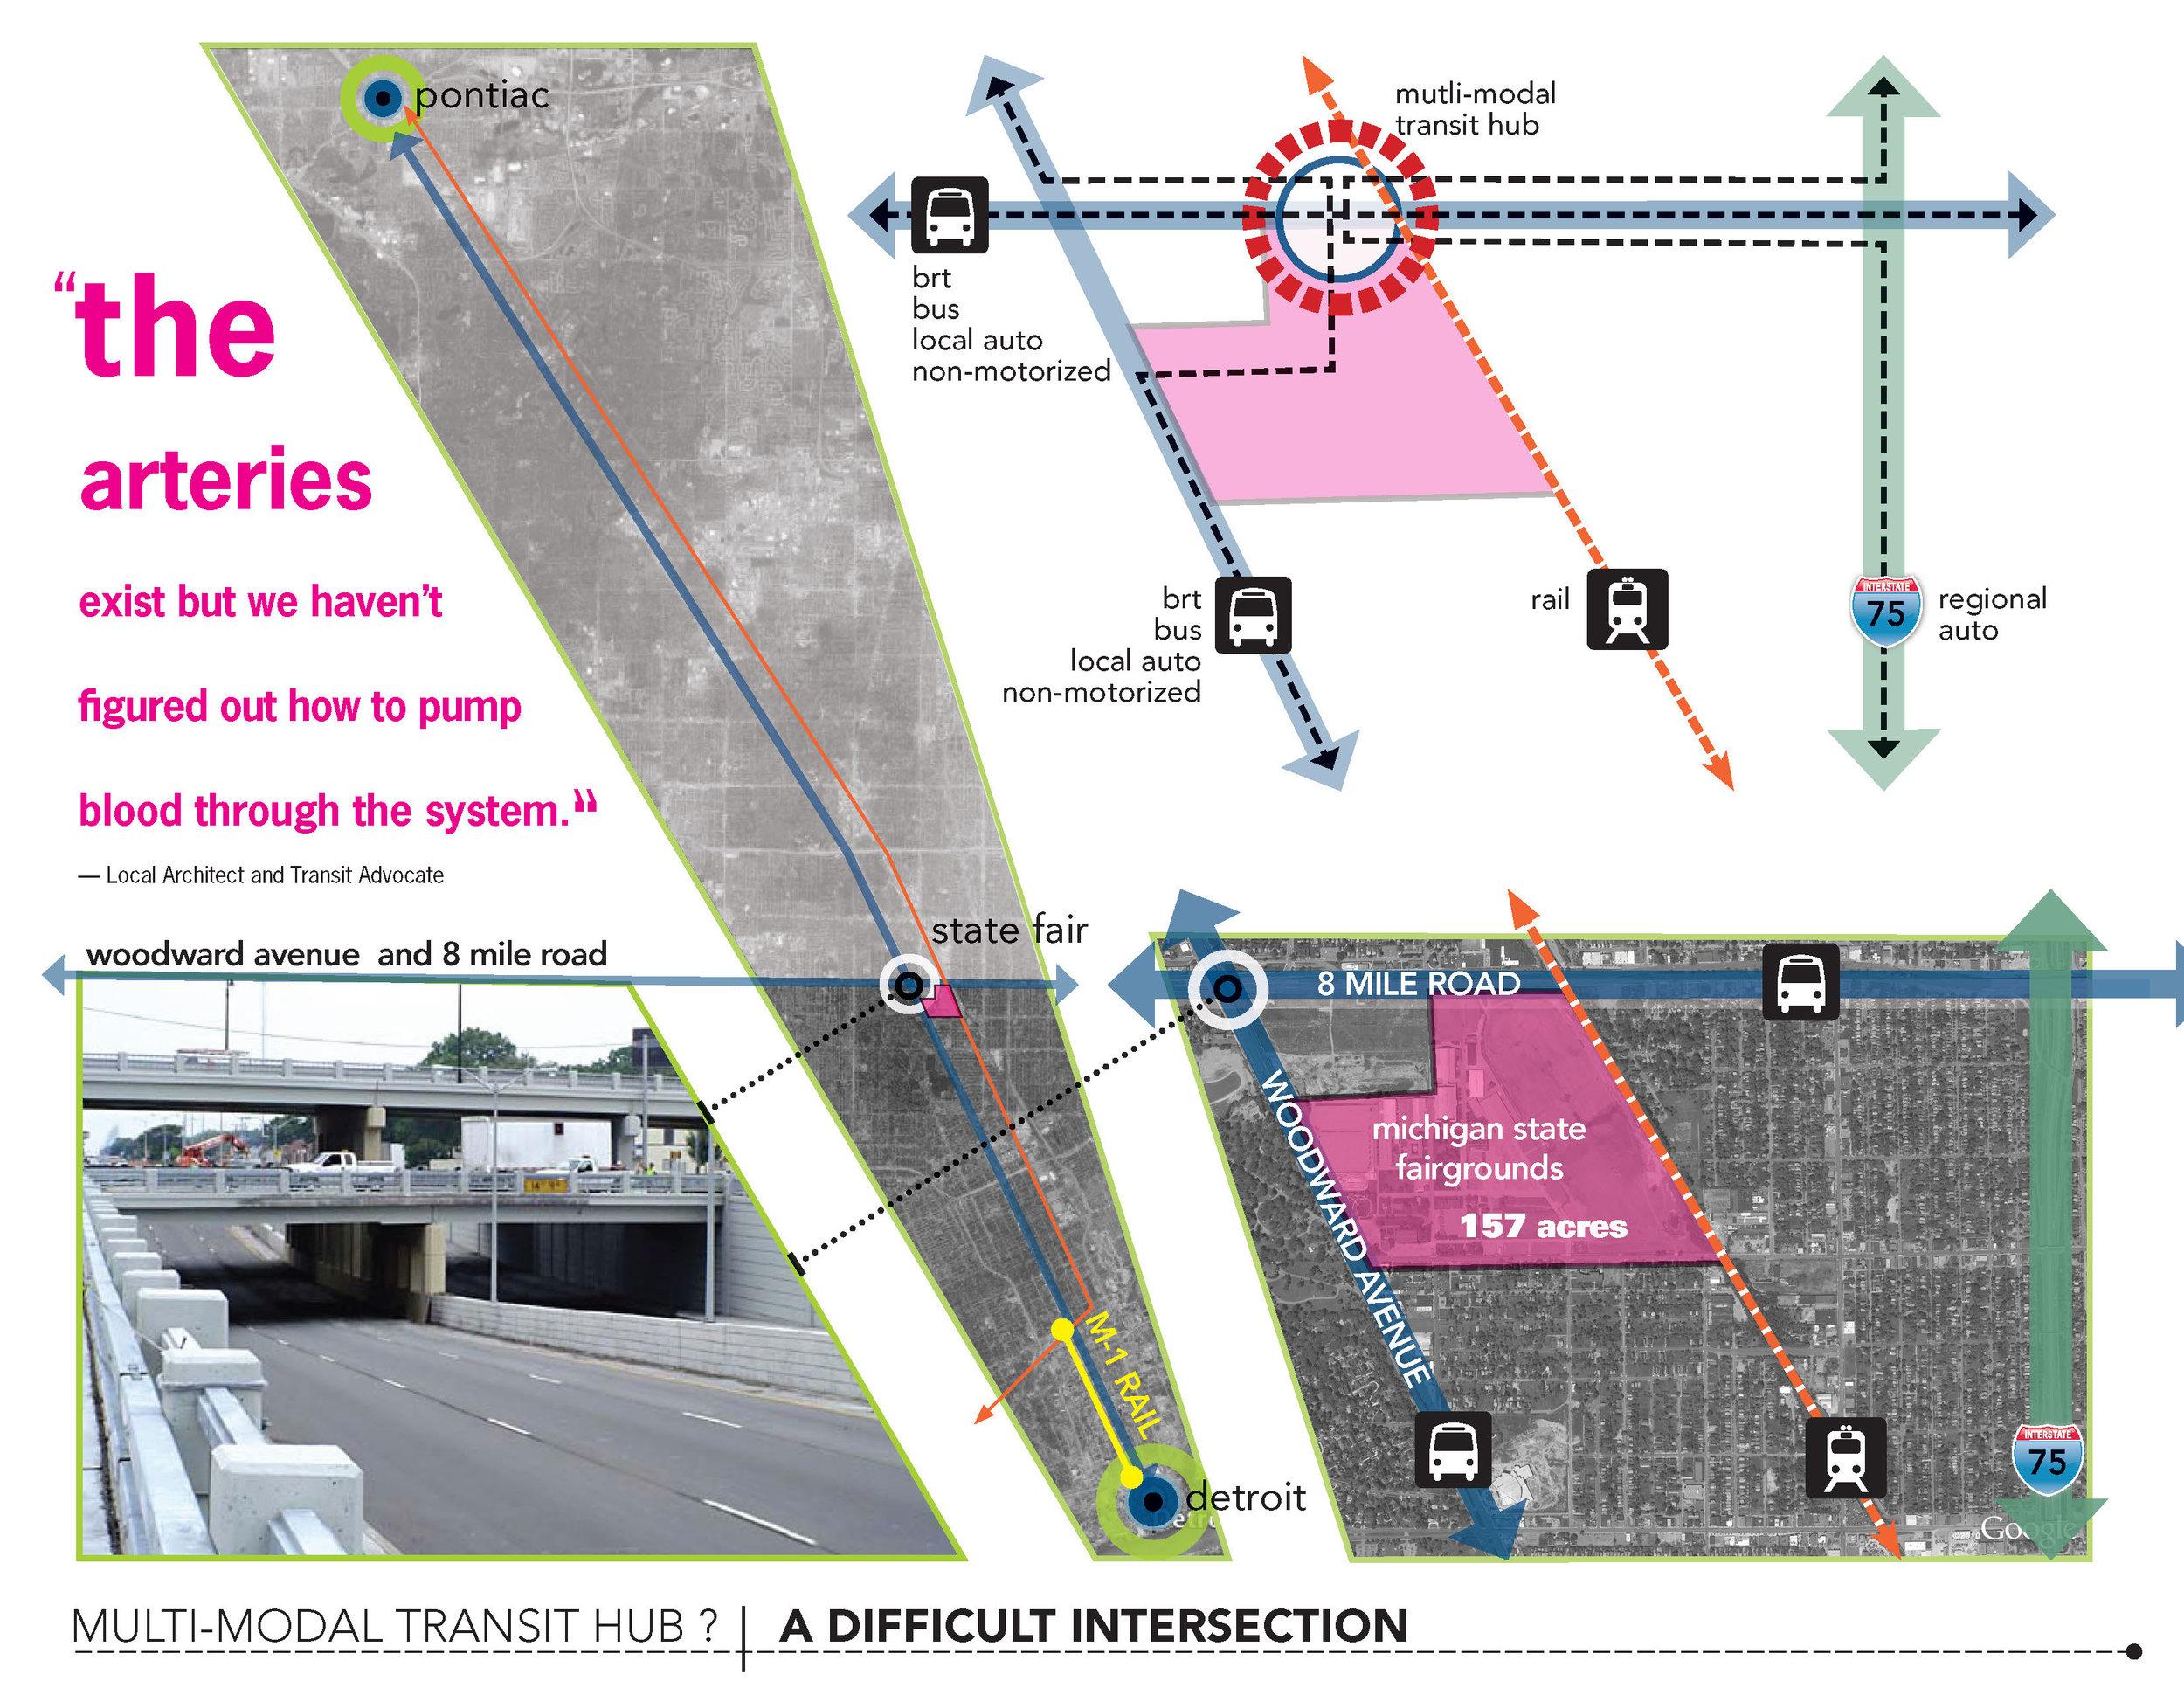 Plan for Multi-modal Transit Hub at Woodward Ave bridge